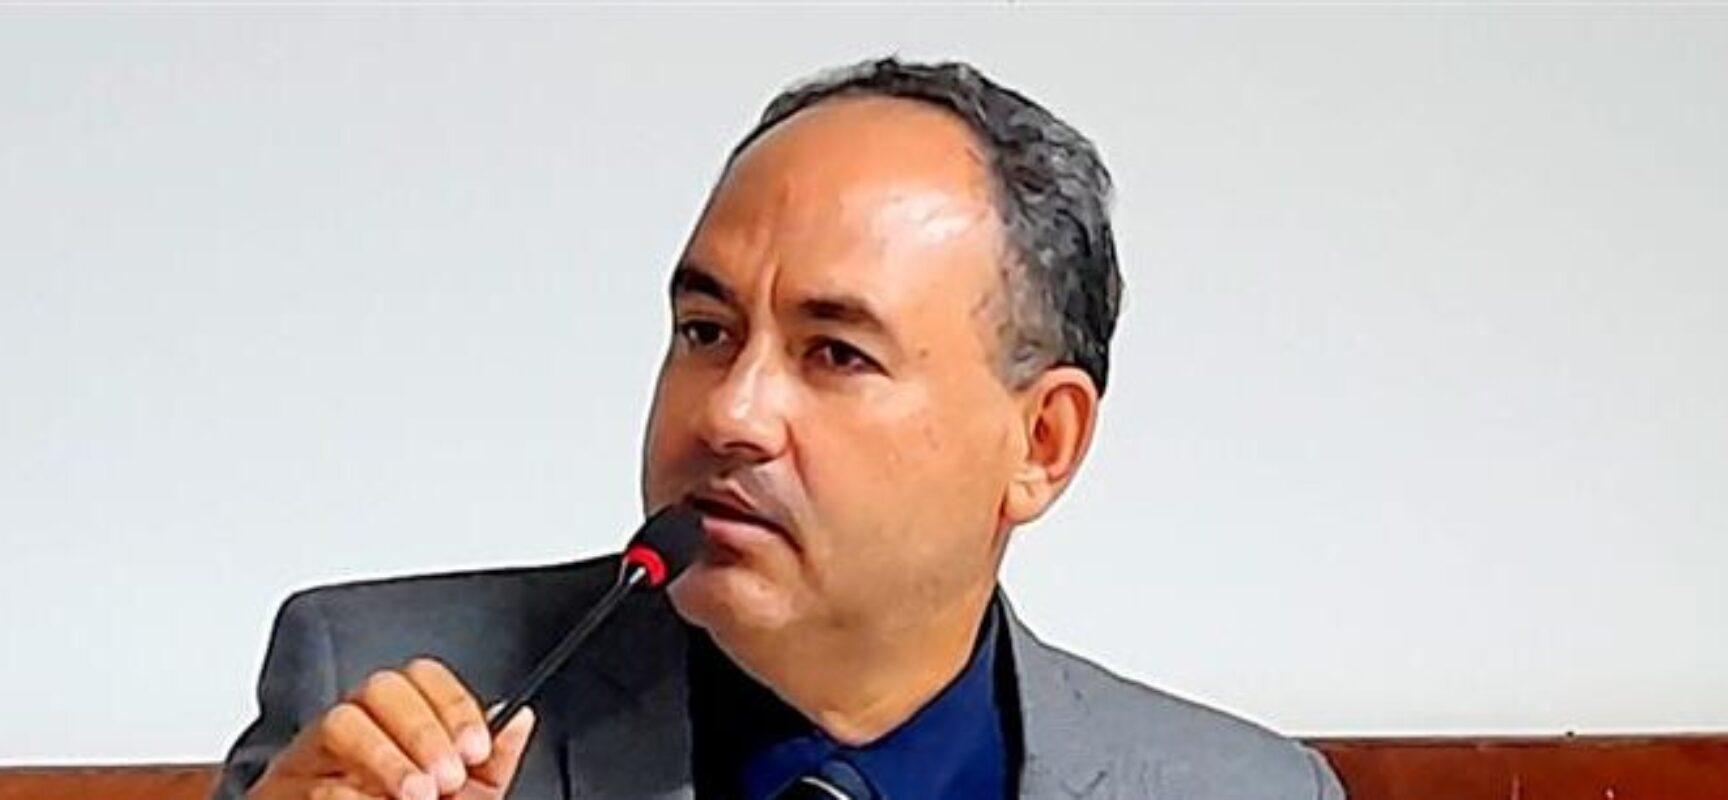 Tandick reitera pedido de urbanização do Santo Antônio de Pádua e adjacências